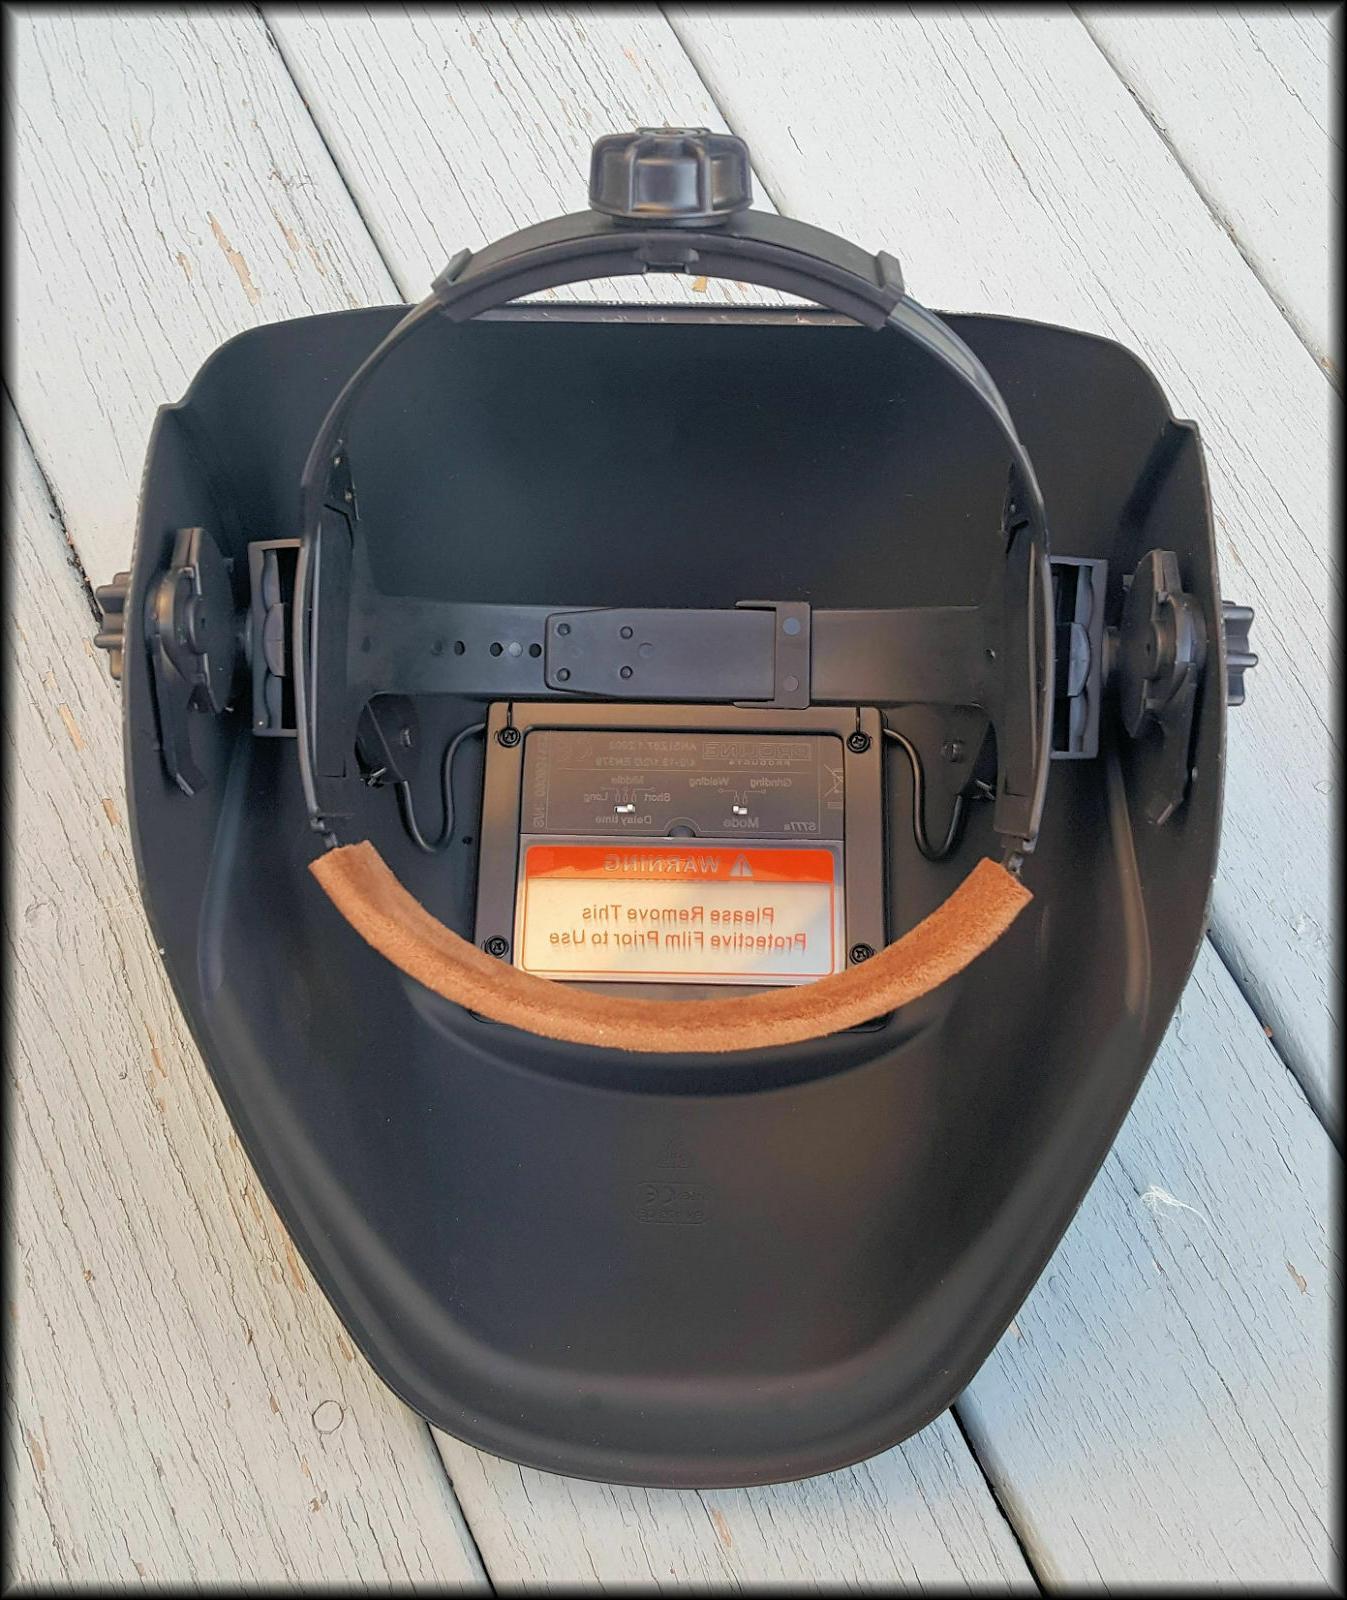 PROLINE Solar Welding/grinding Helmet 1/30,000 second